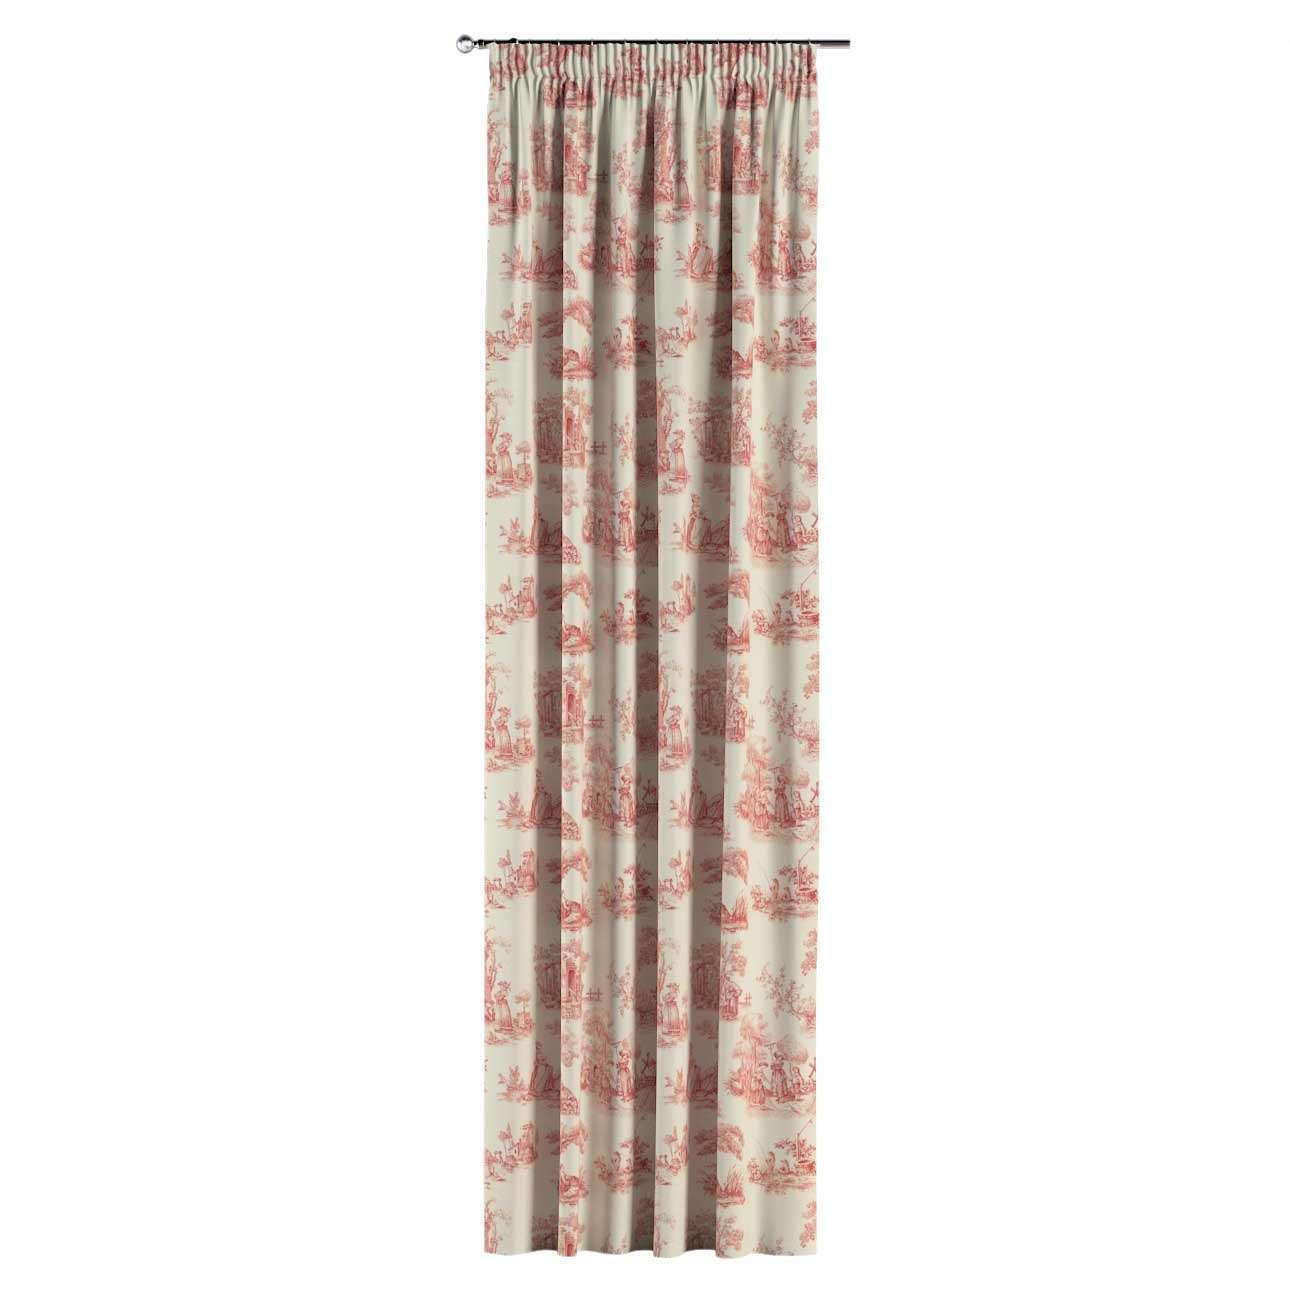 Vorhang mit Kräuselband 1 Stck. 130 x 260 cm von der Kollektion Avinon, Stoff: 132-15